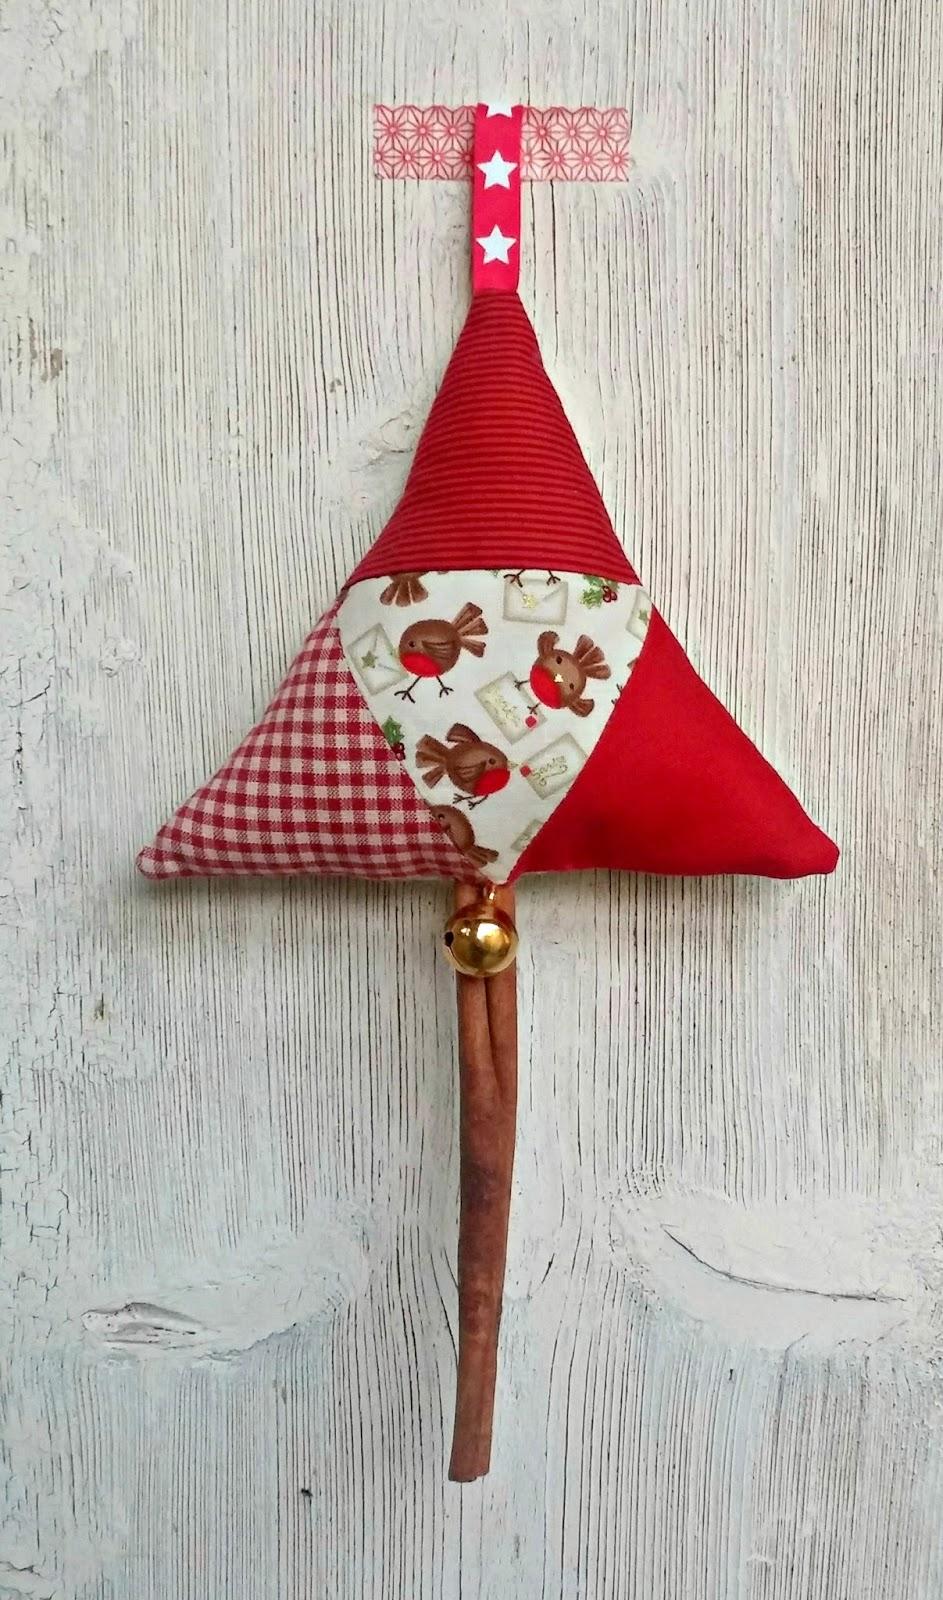 Ella nesta 39 s little room come creare decorazioni - Creare decorazioni natalizie ...